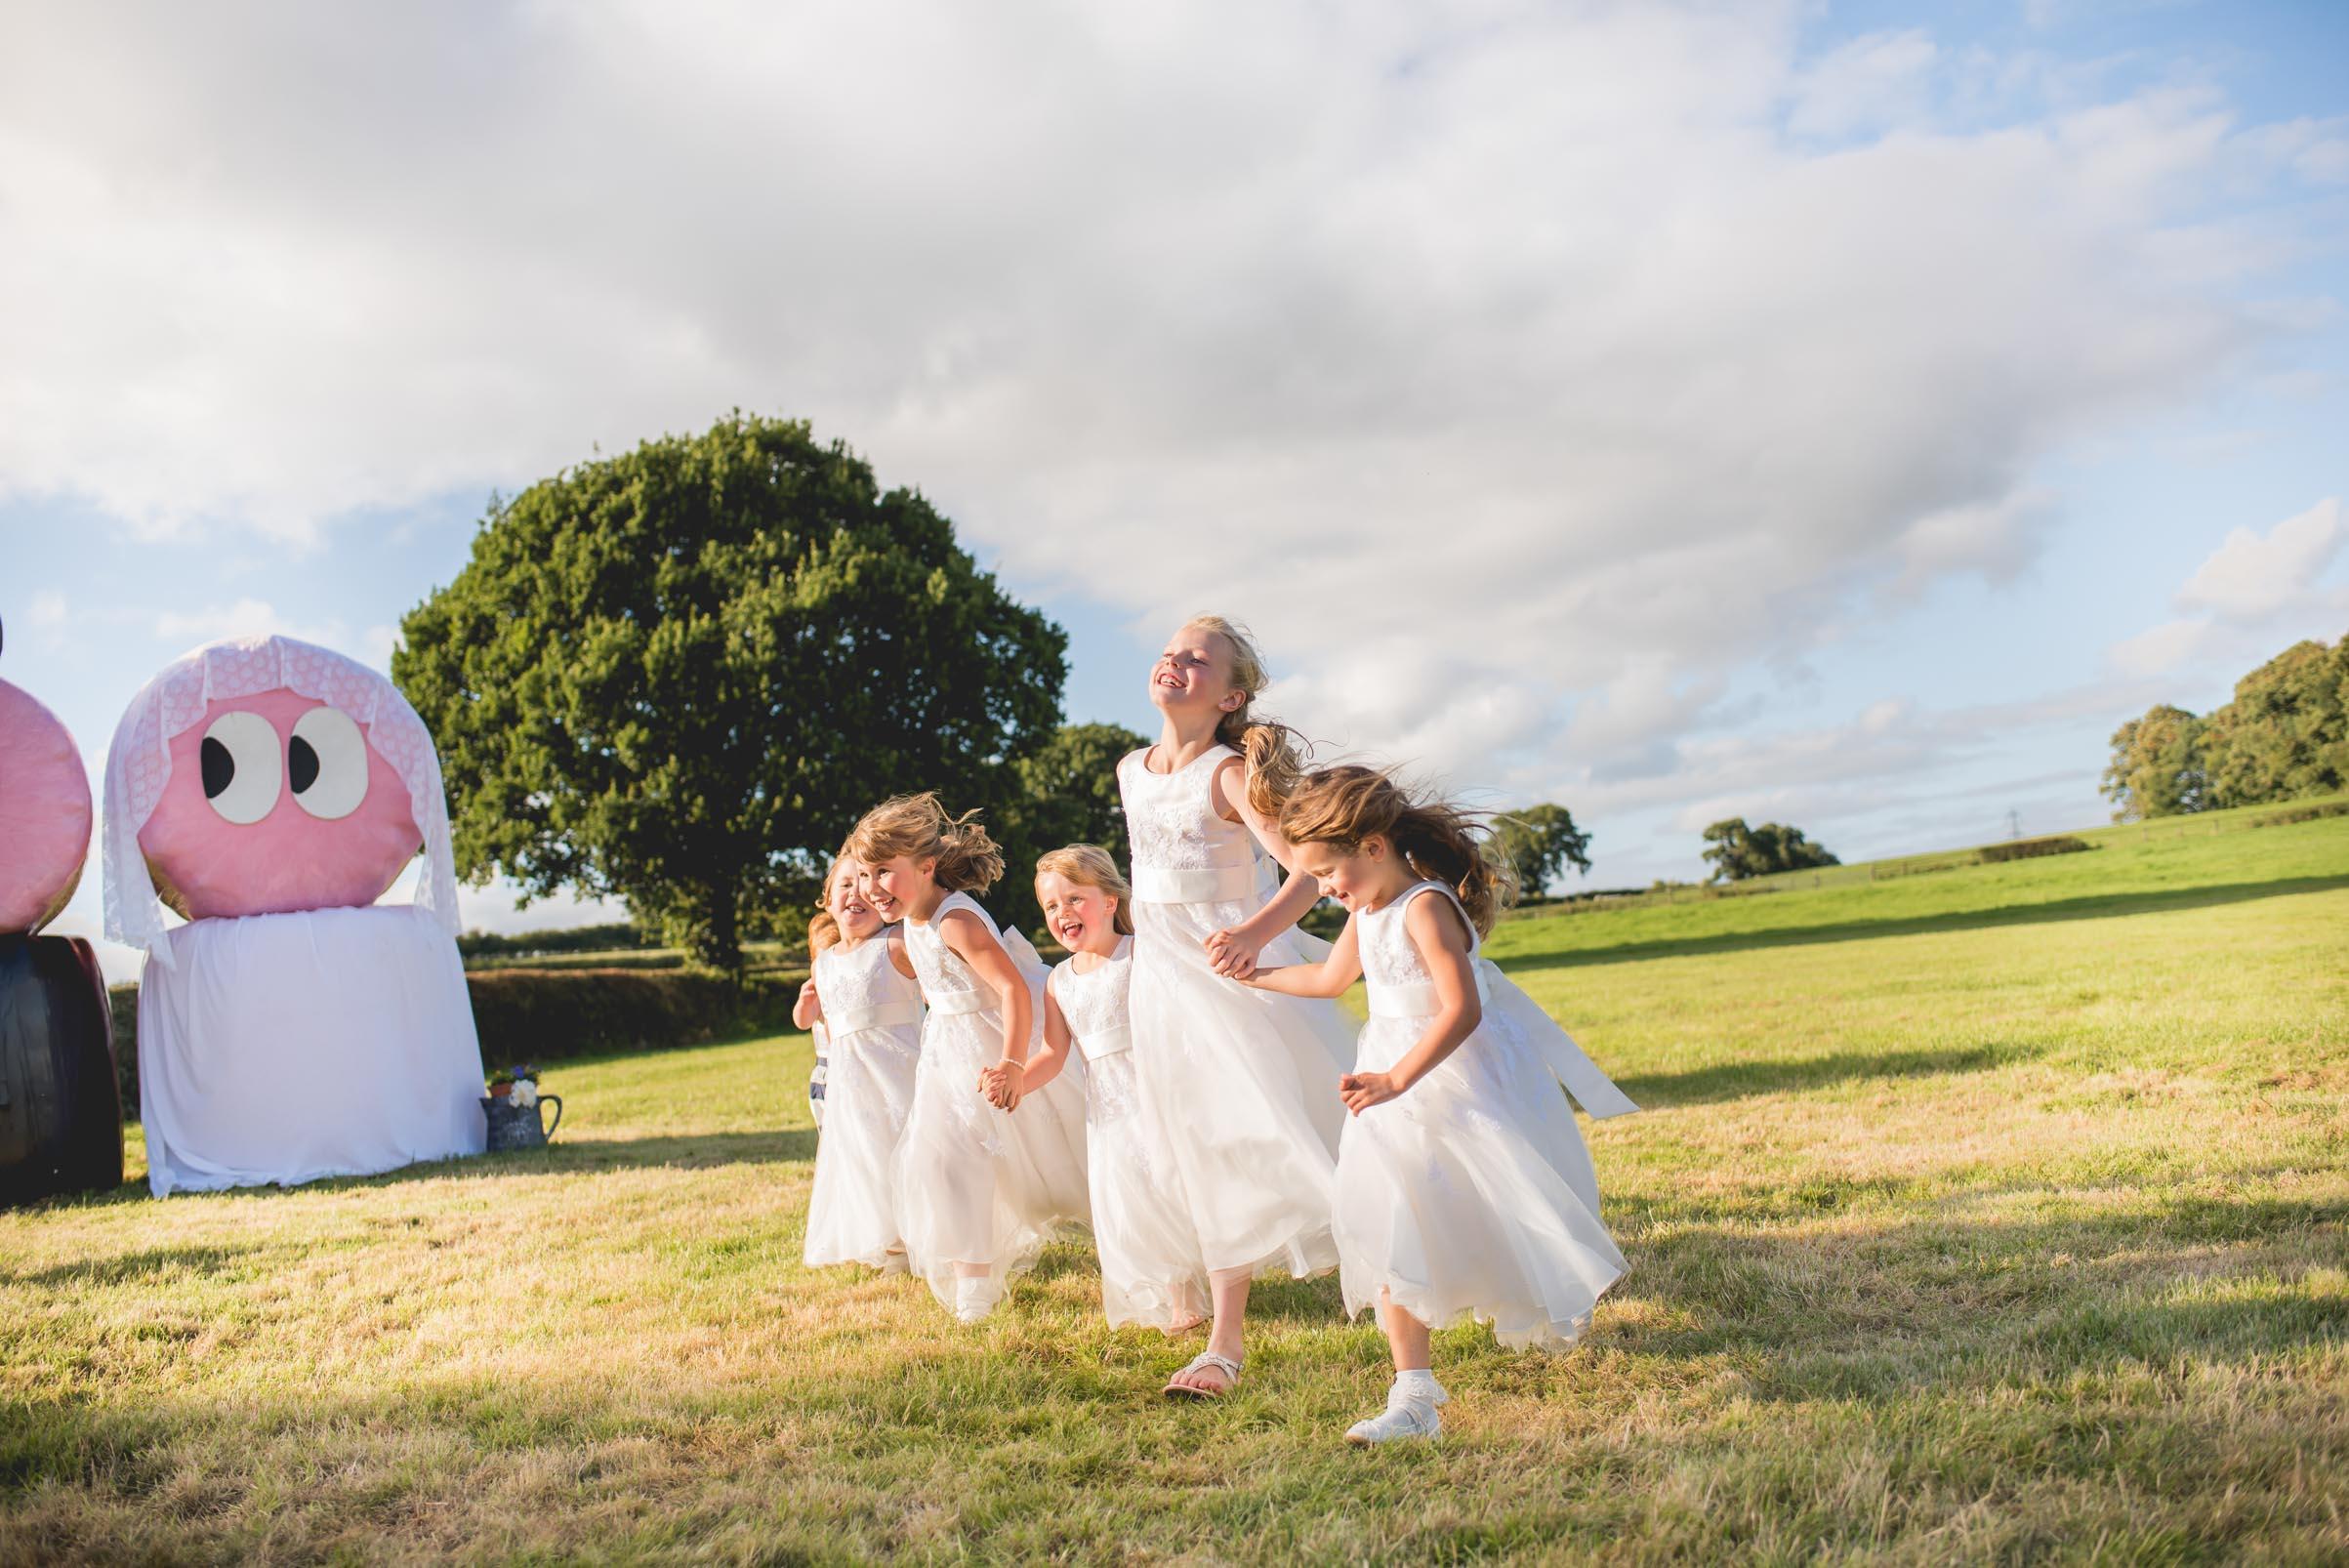 Farm-wedding-staffordshire-st-marys-catholic-church-uttoxter-113.jpg